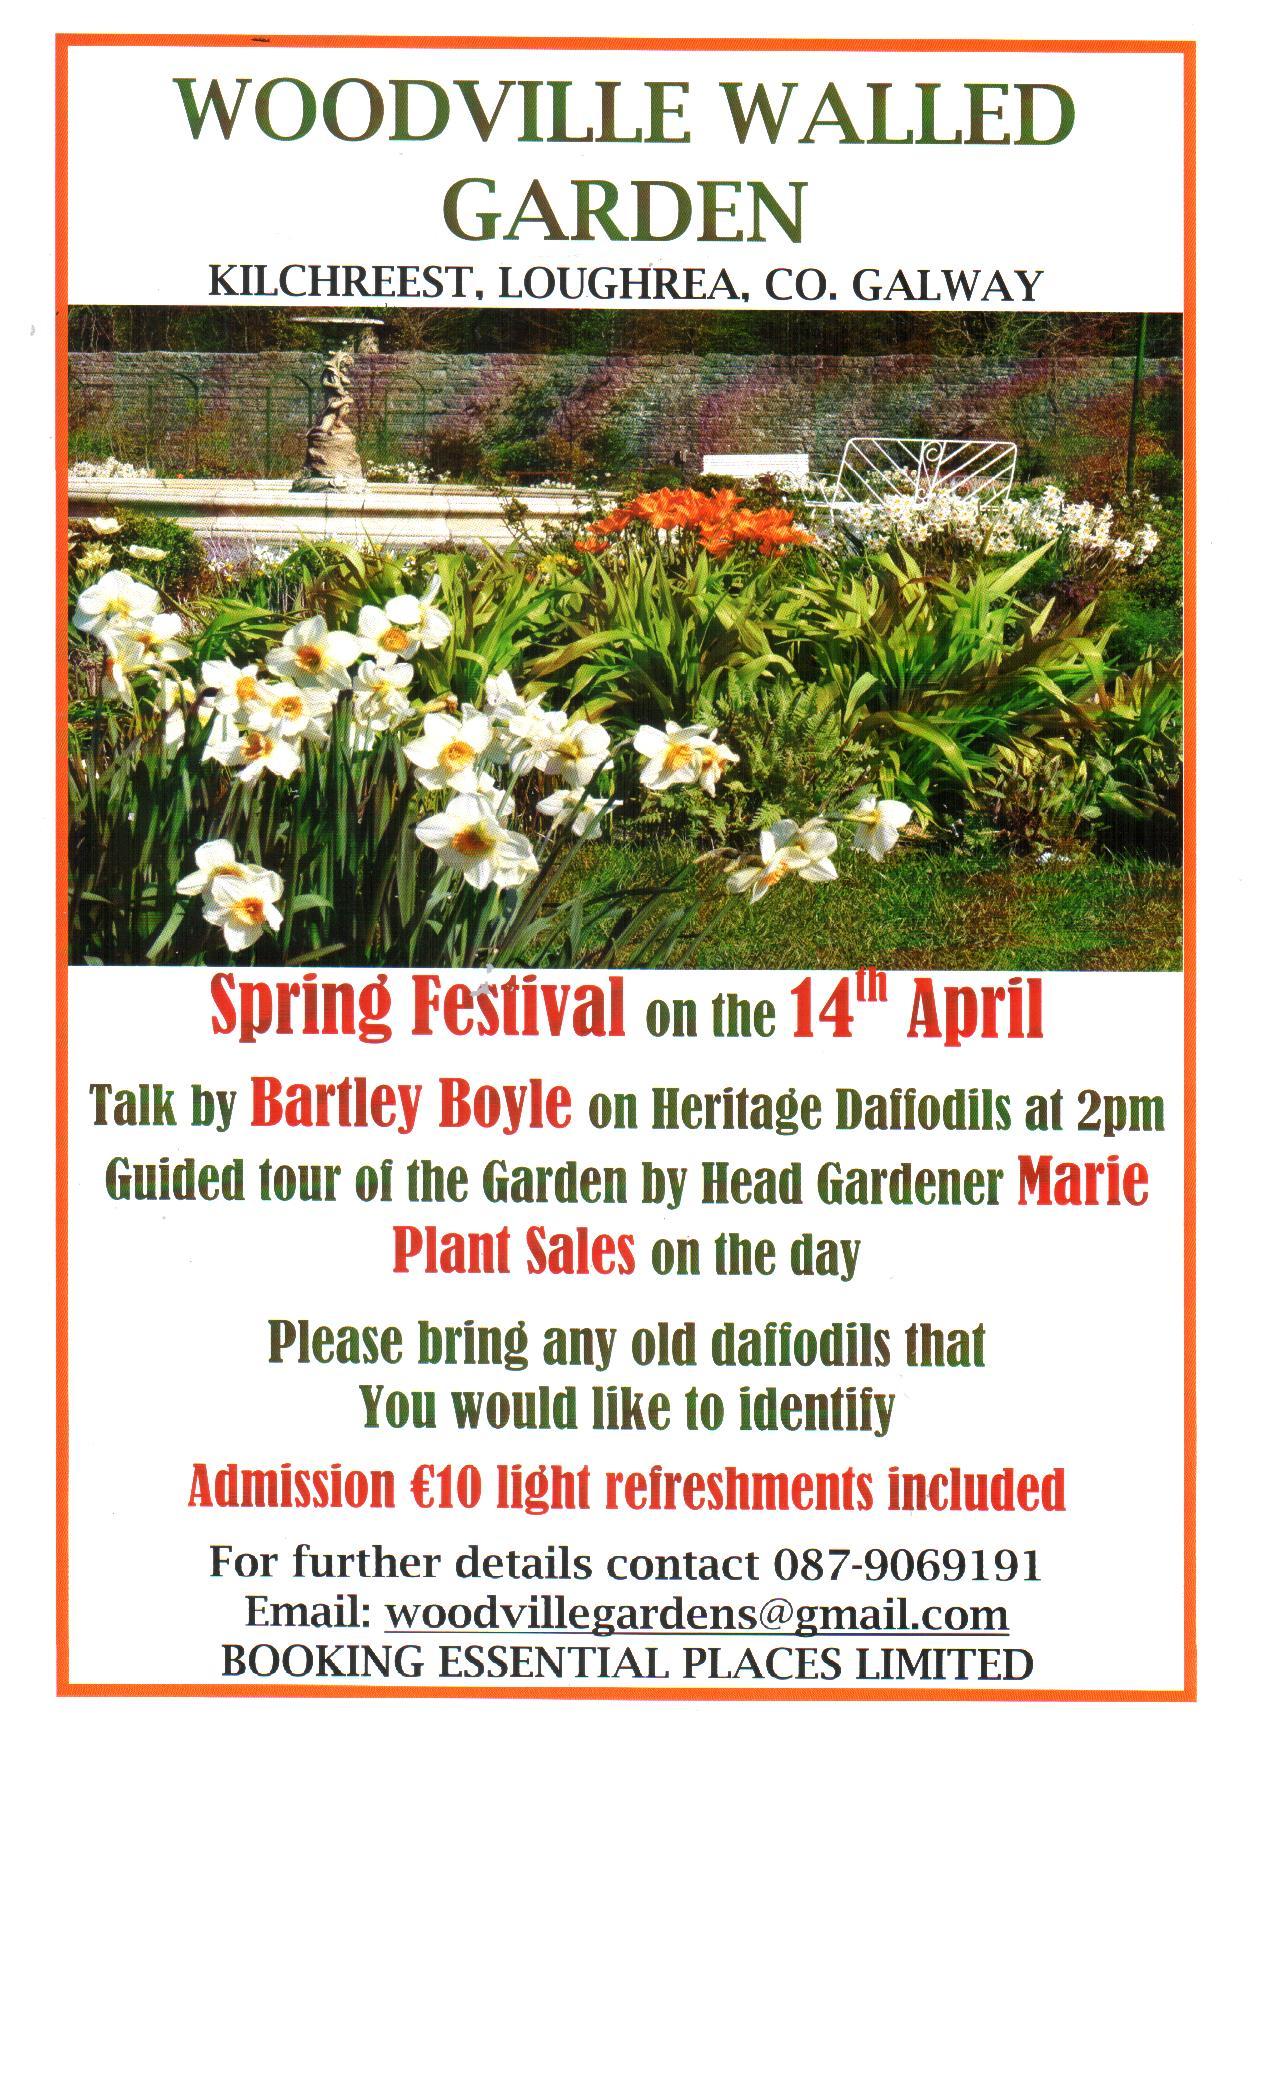 Talk on Heritage Daffodils by Bartley Boyle